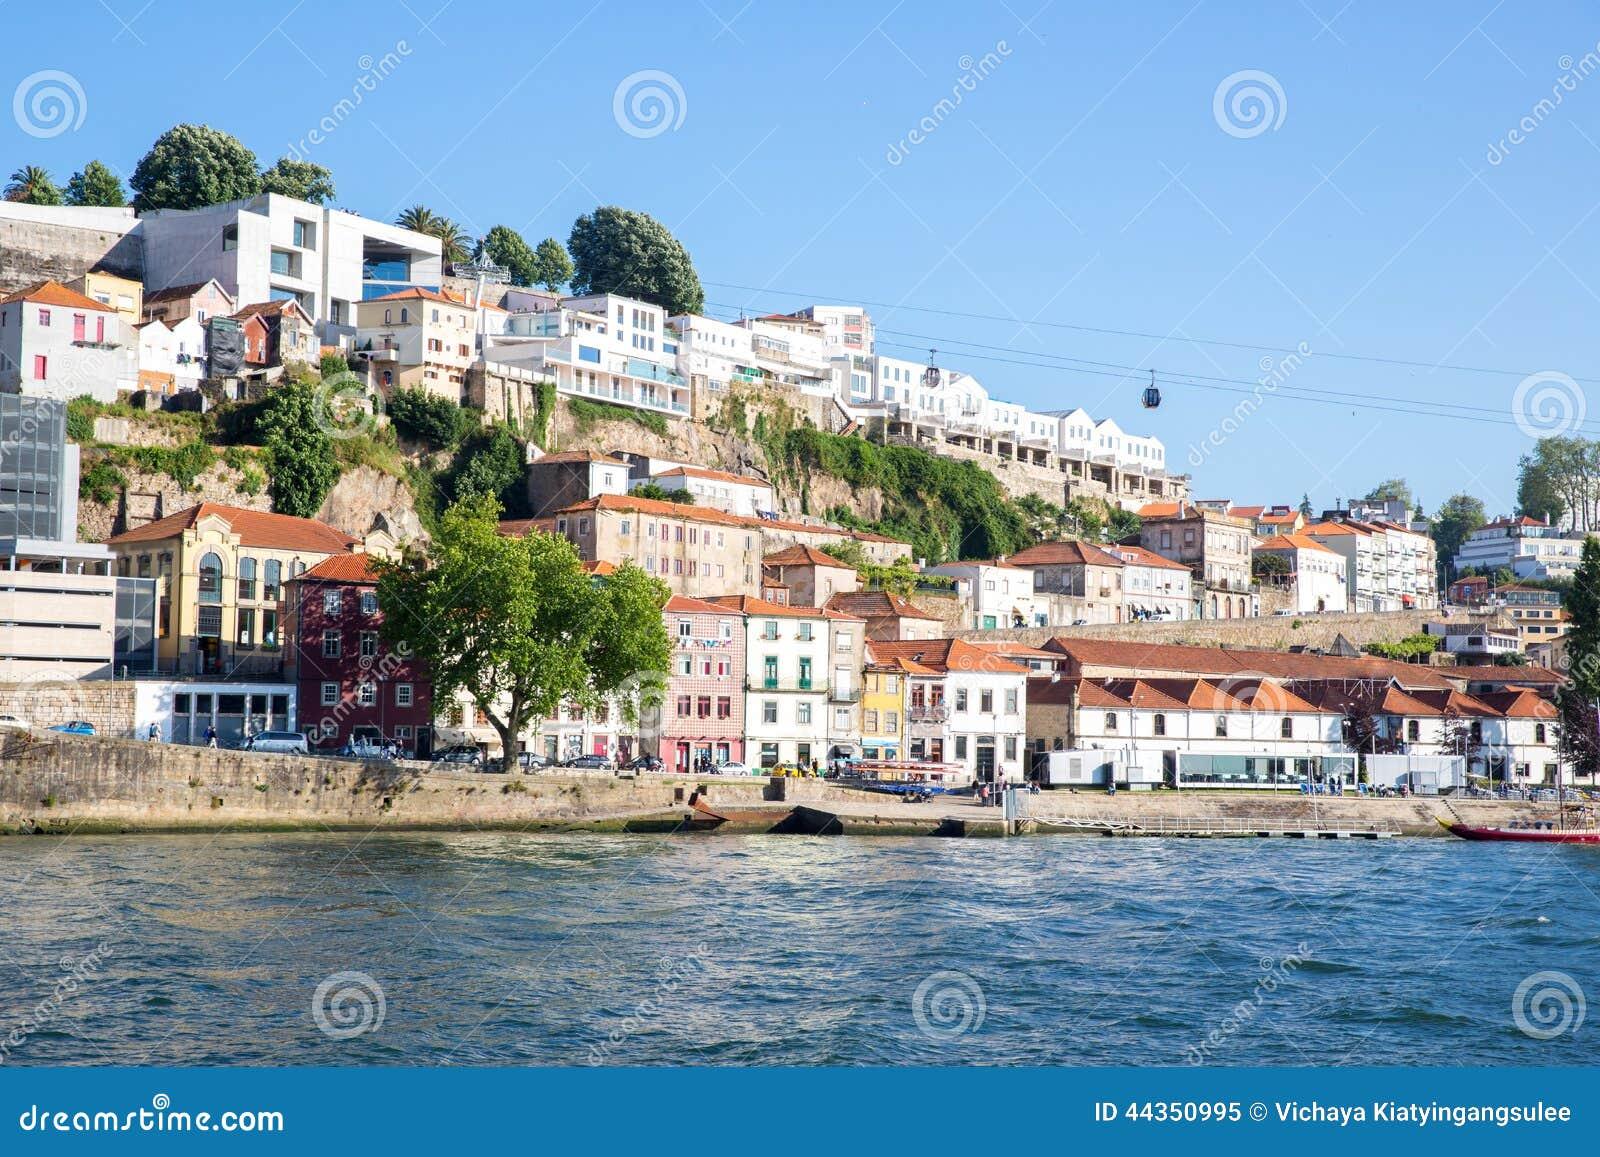 Città antica di Oporto